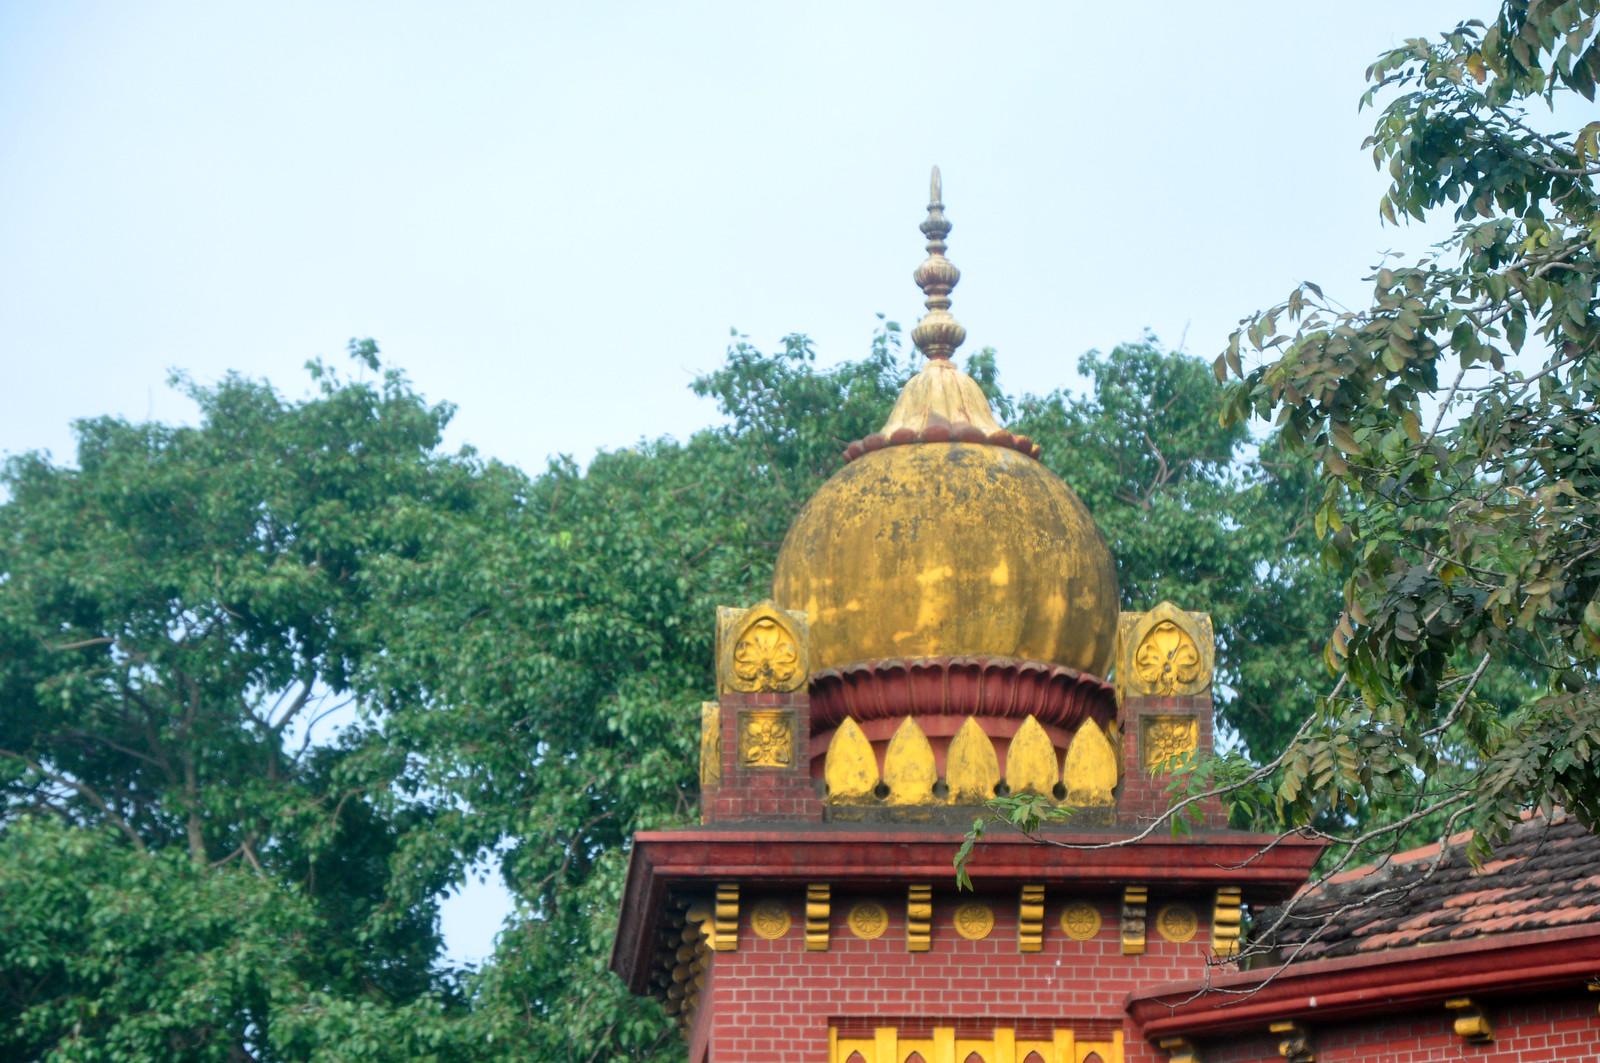 Qué ver en Colombo en un día, Sri Lanka qué ver en colombo en un día - 33165830638 5b871a3e64 h - Qué ver en Colombo en un día